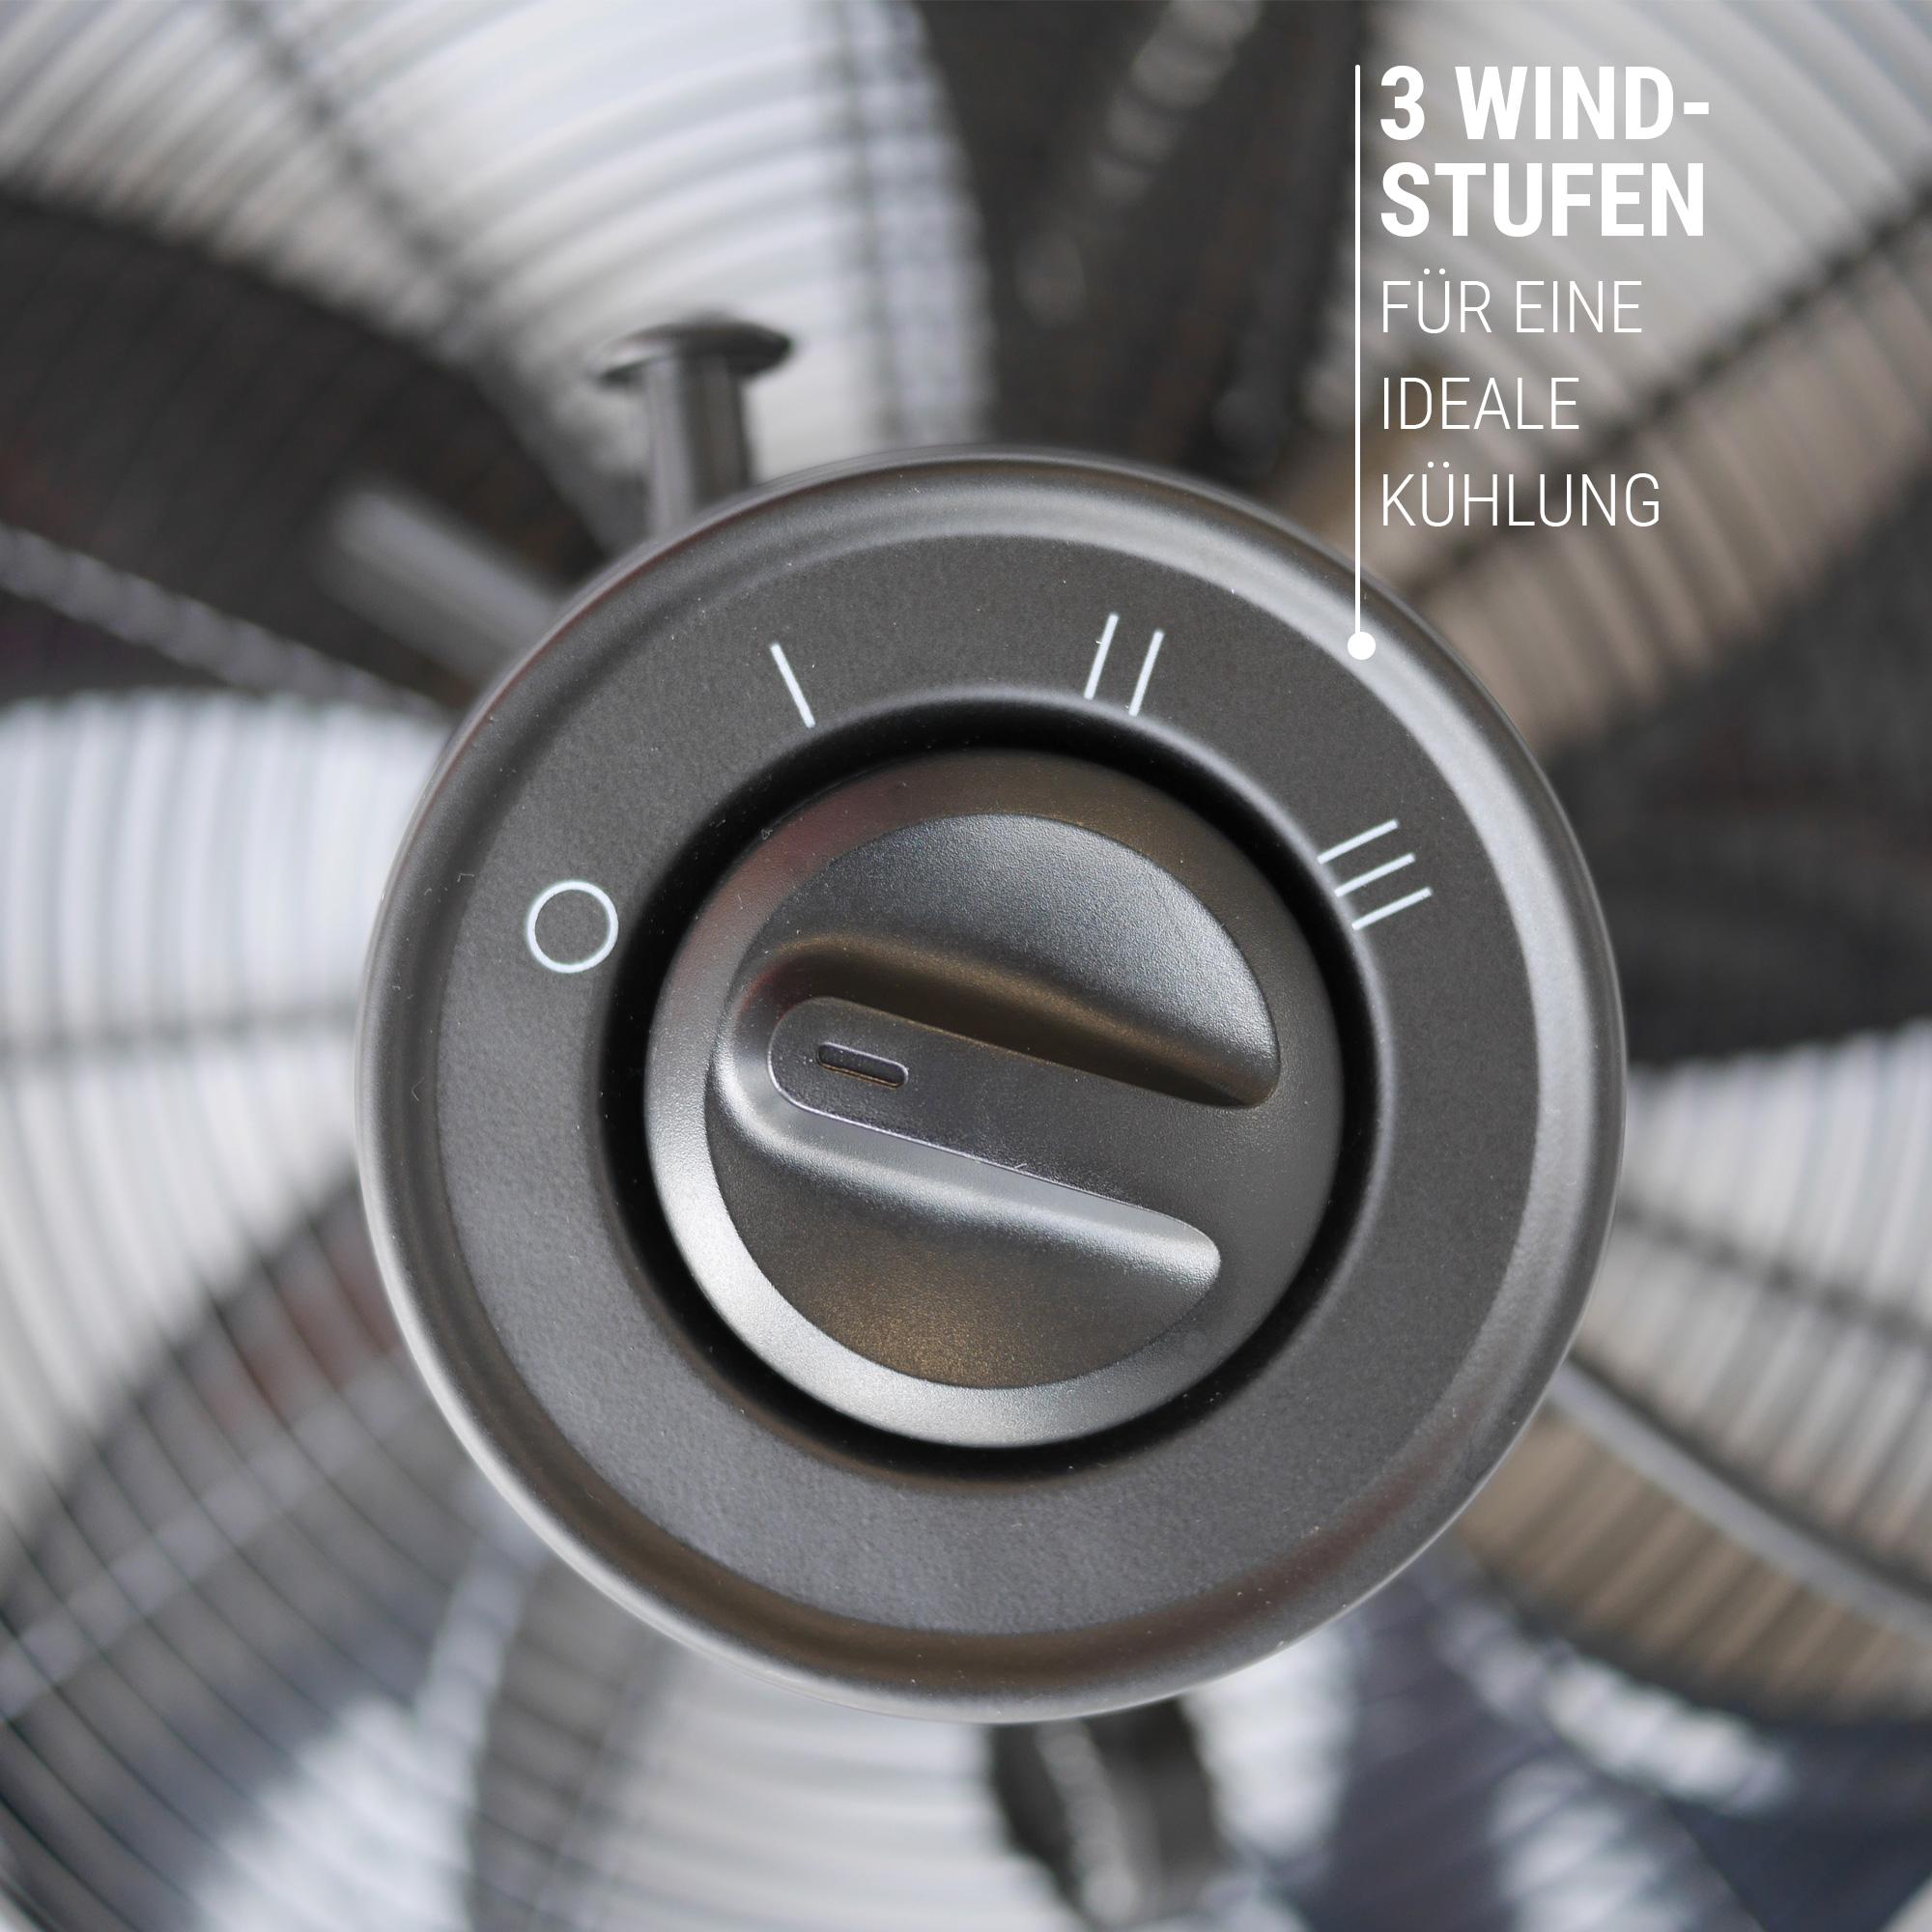 Ventilator mit 3 Geschwindigkeiten Windstufen